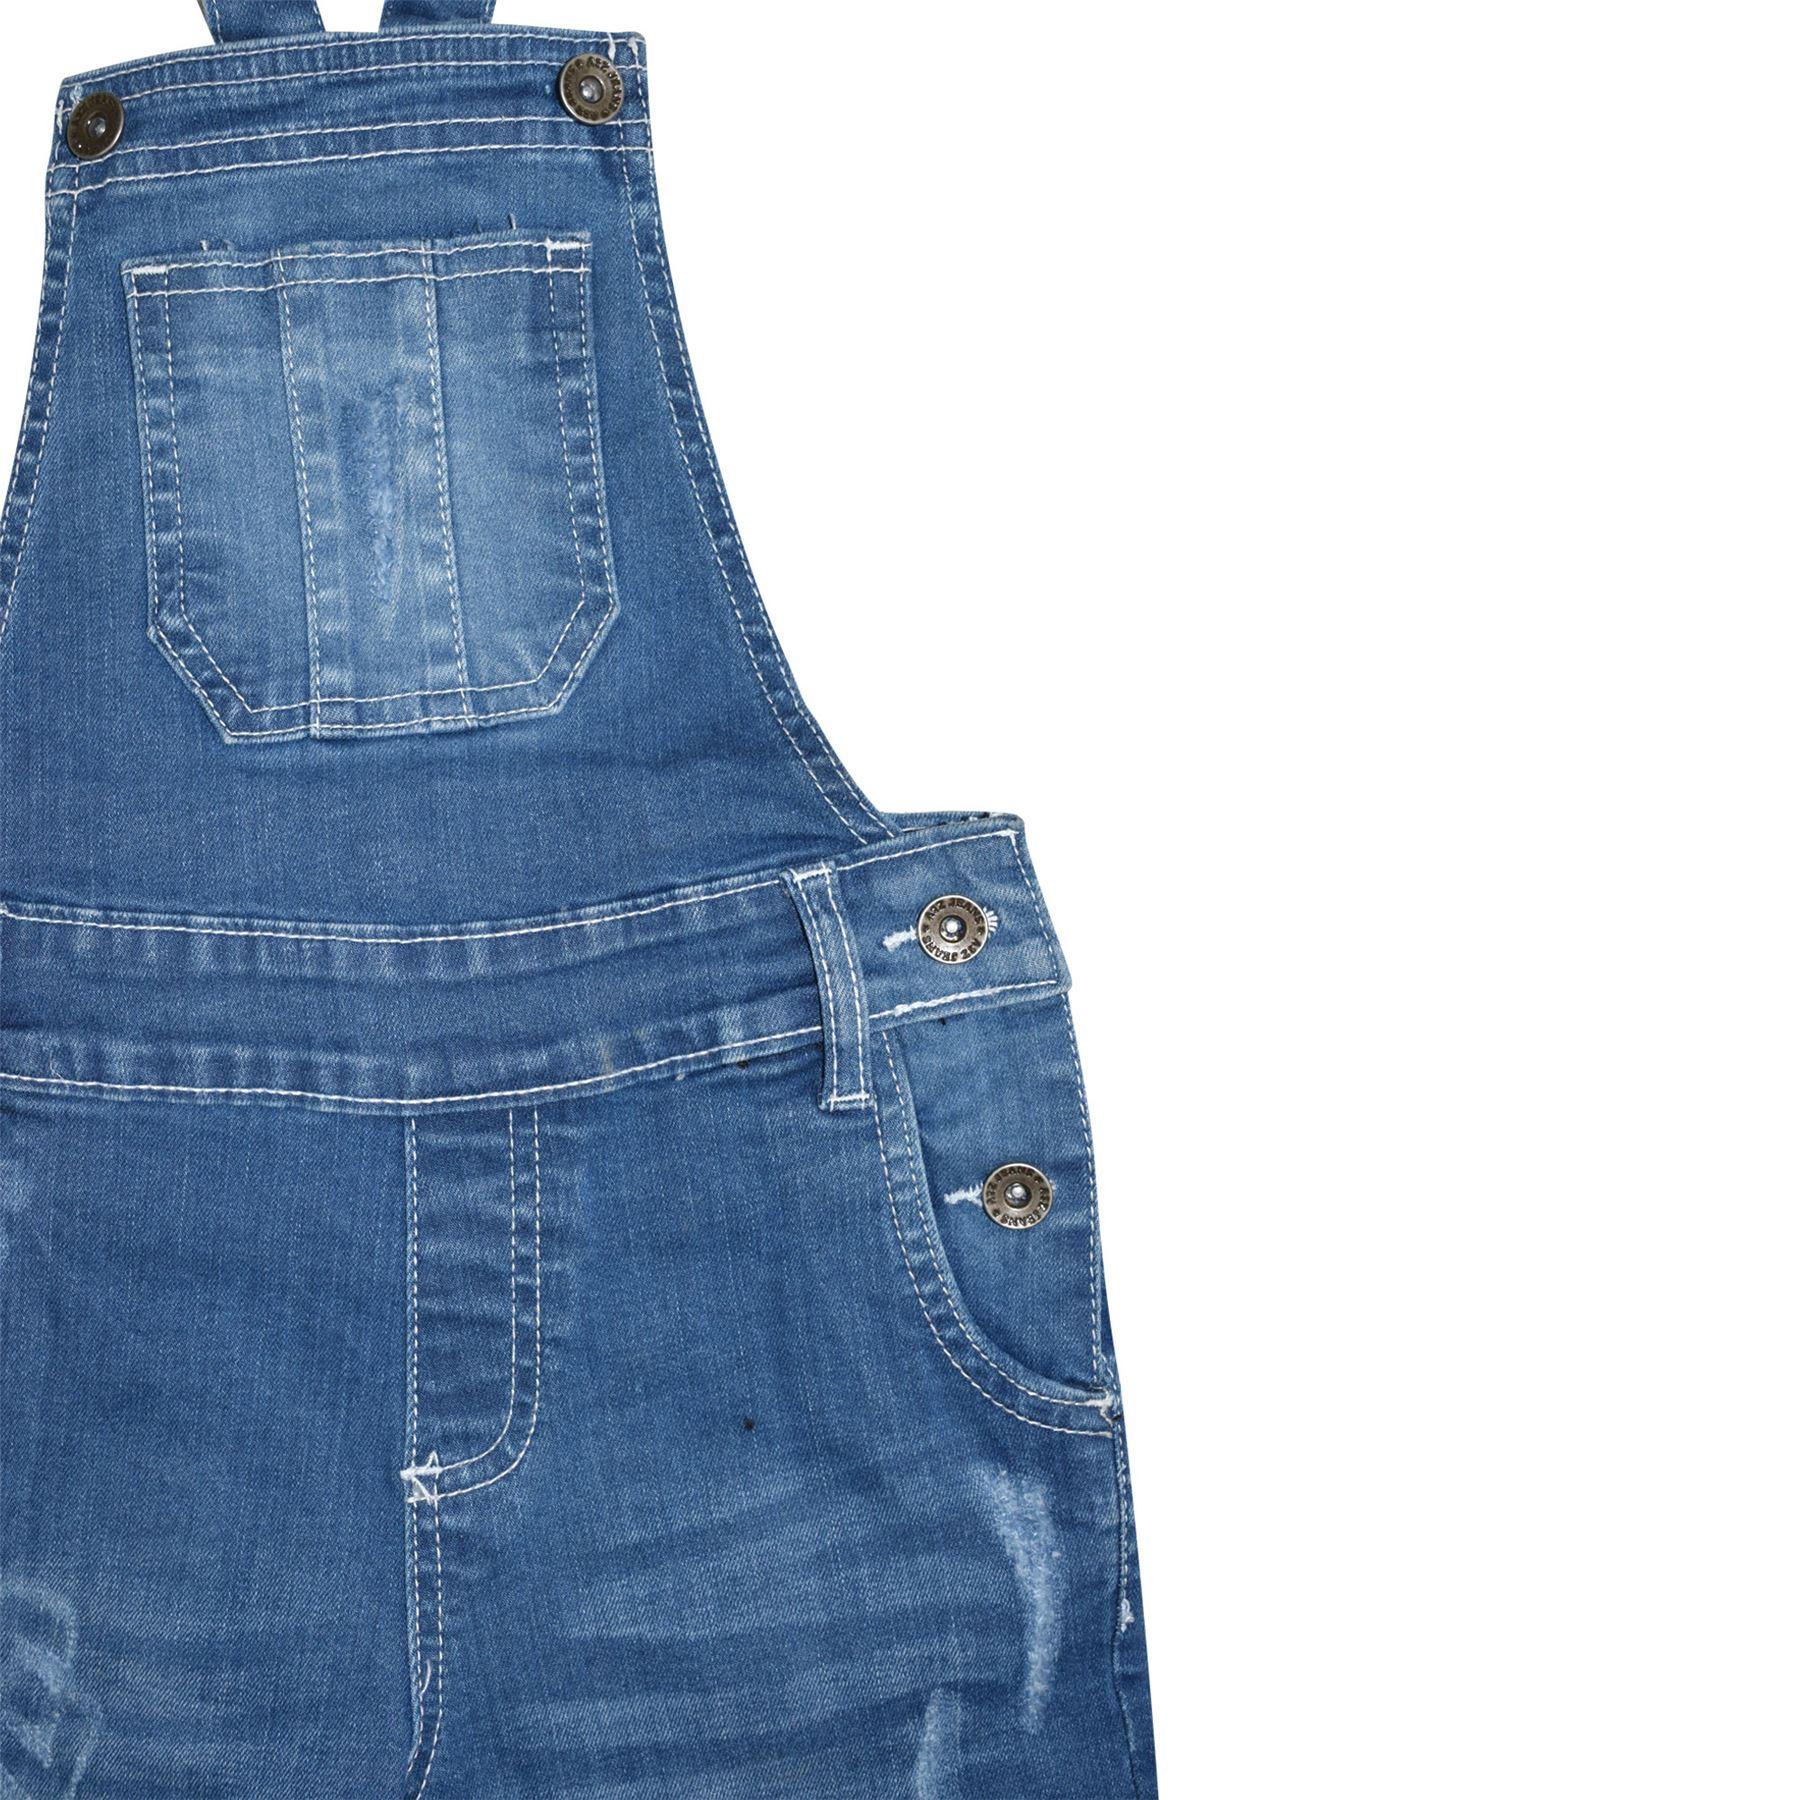 Indexbild 15 - Kinder Mädchen Latzhose Shorts Denim Gerippt Stretch Jeans Overall 5-13 Jahr